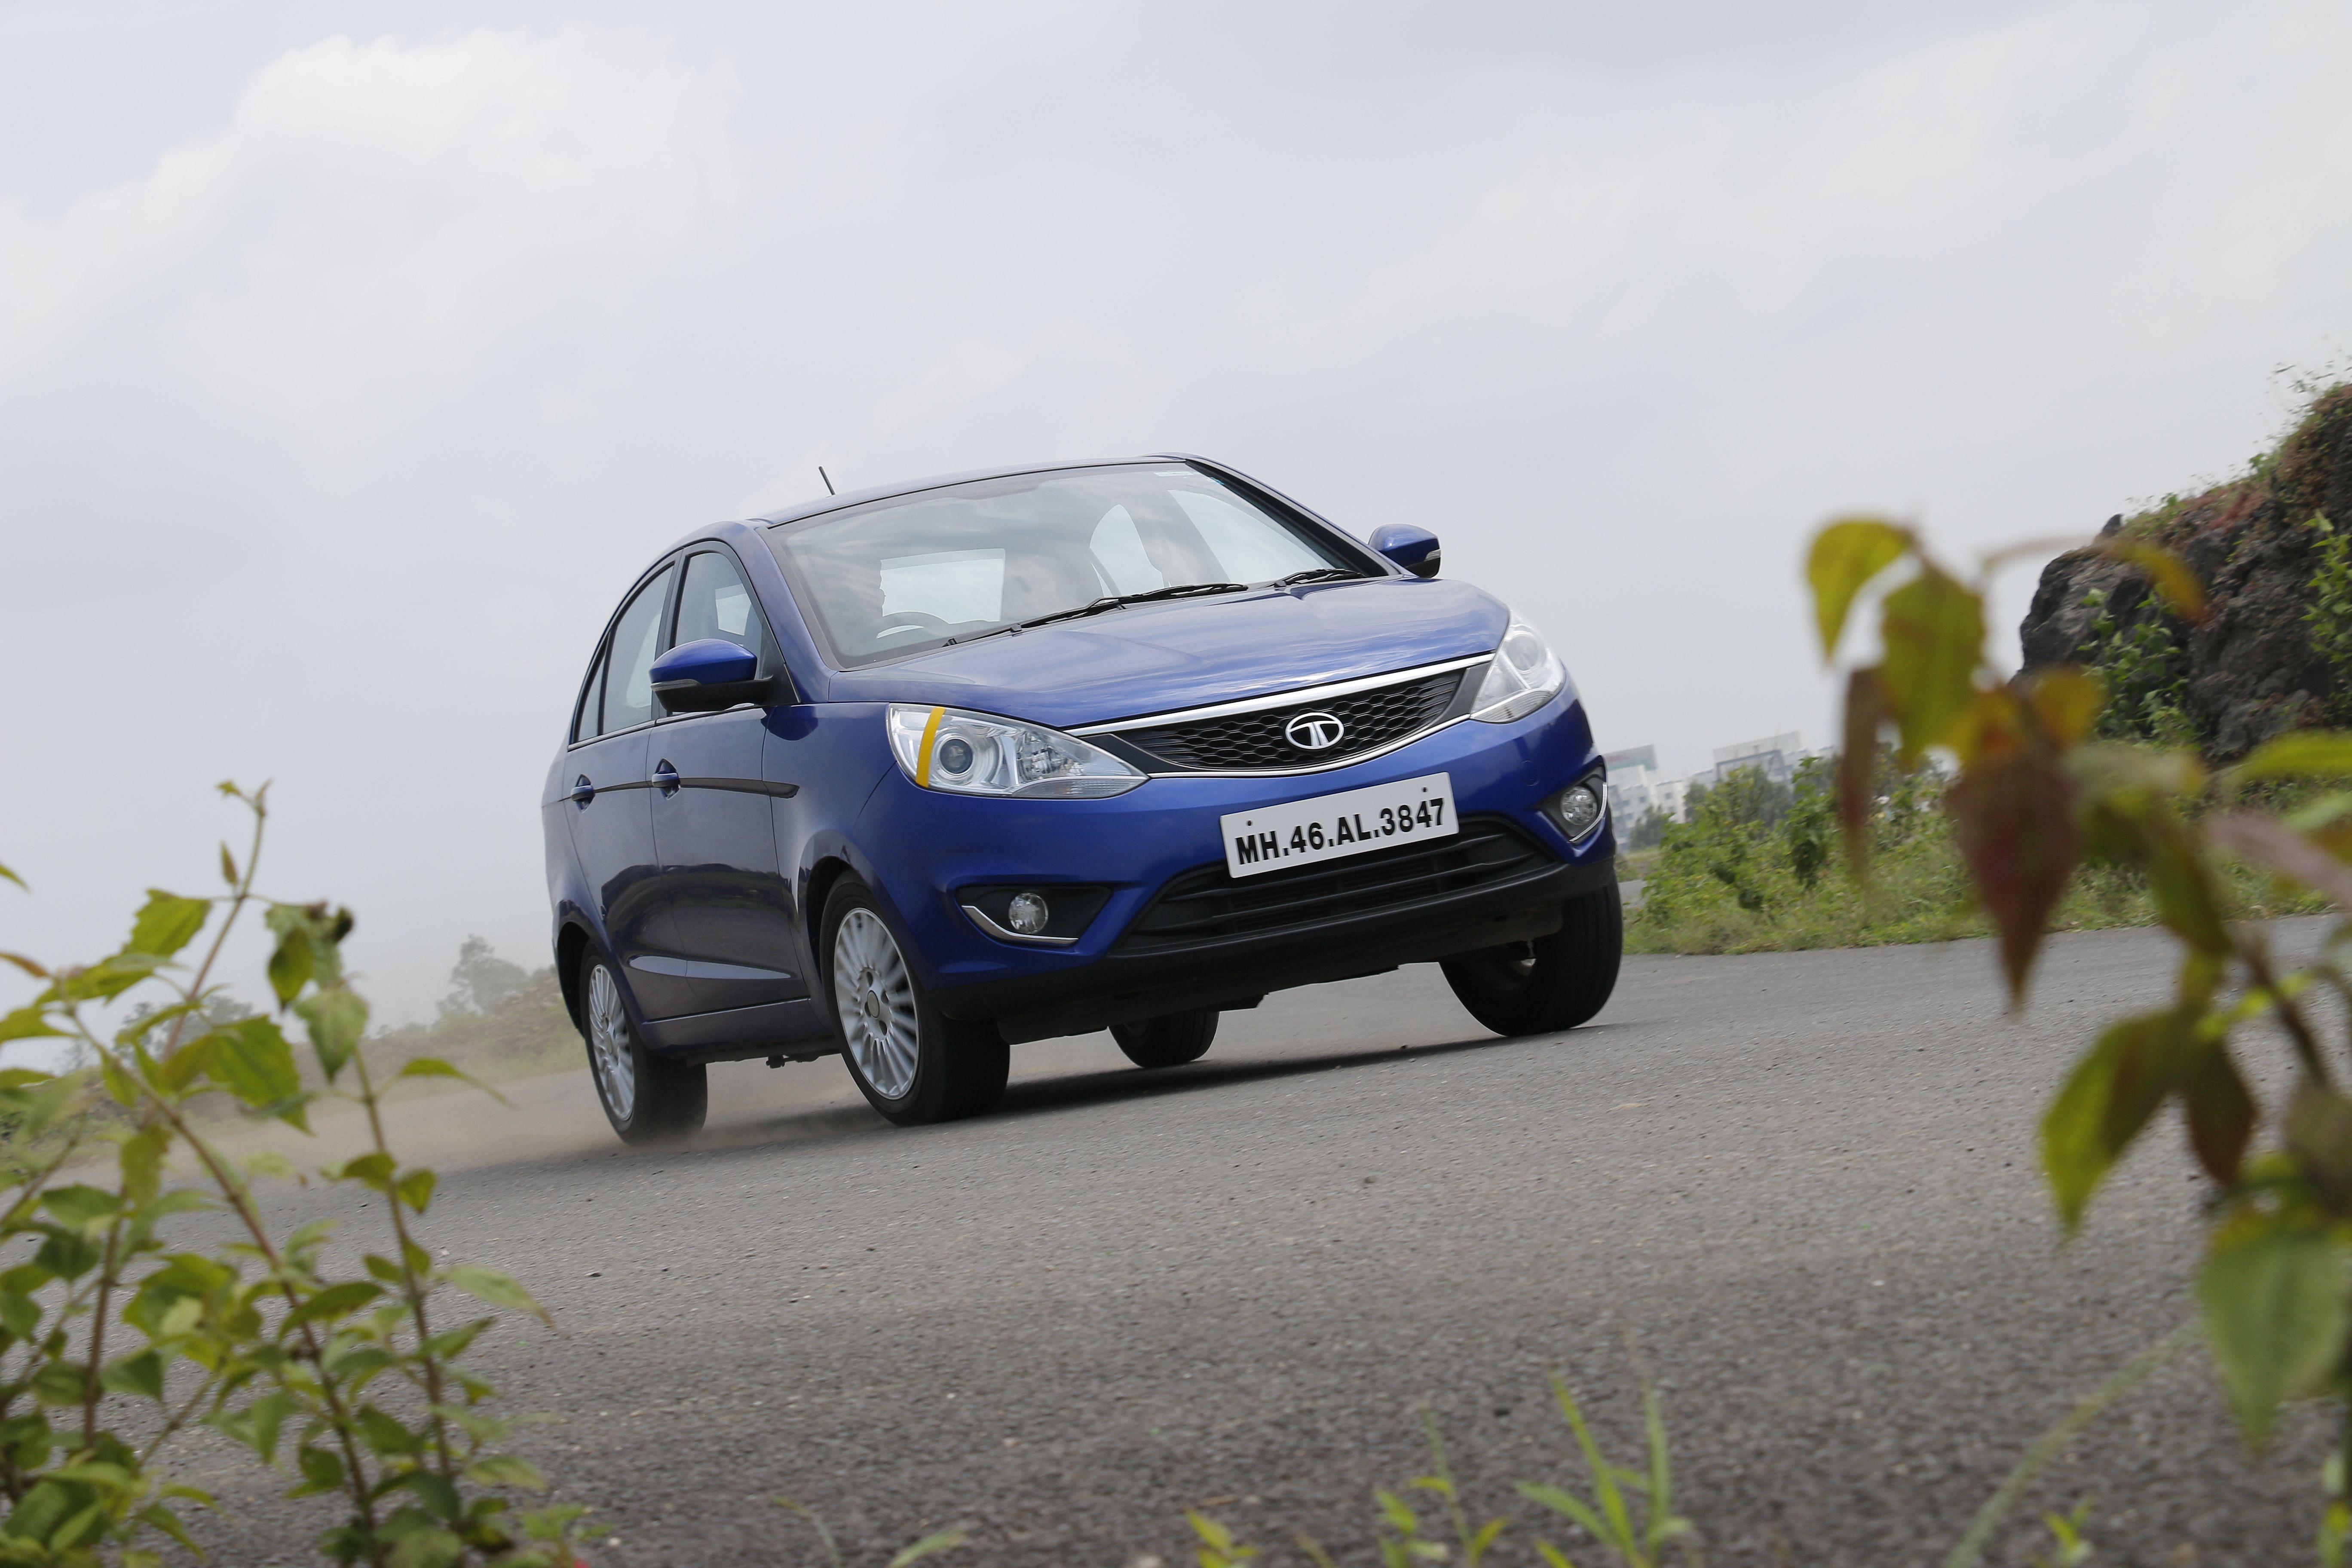 Tata Zest Diesel AMT: Long-Term Review